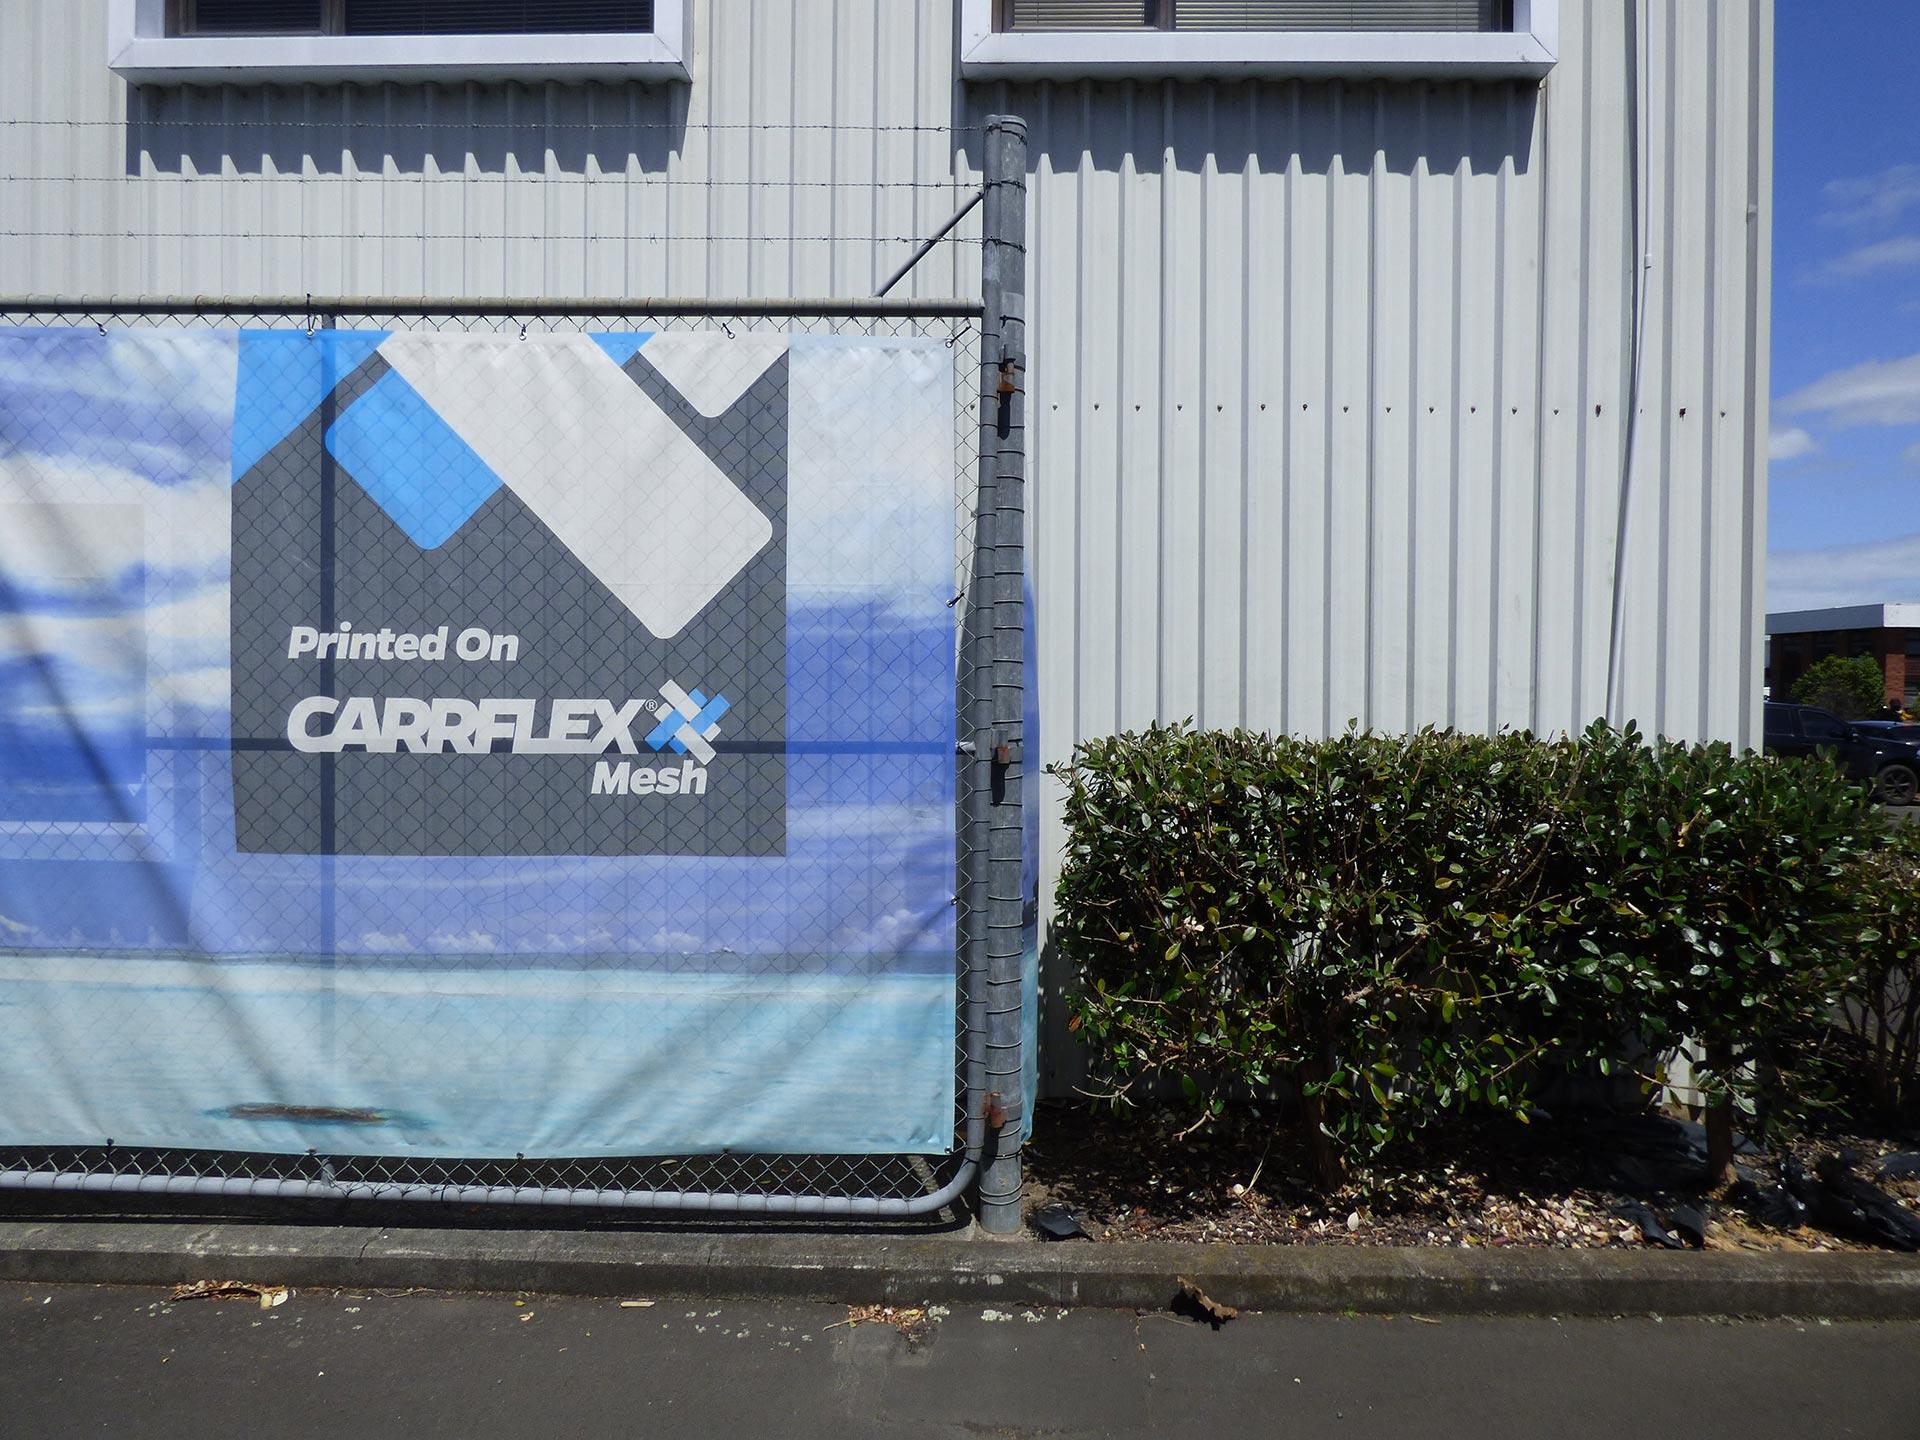 advertising-mesh-banner-Carrflex-Mesh4